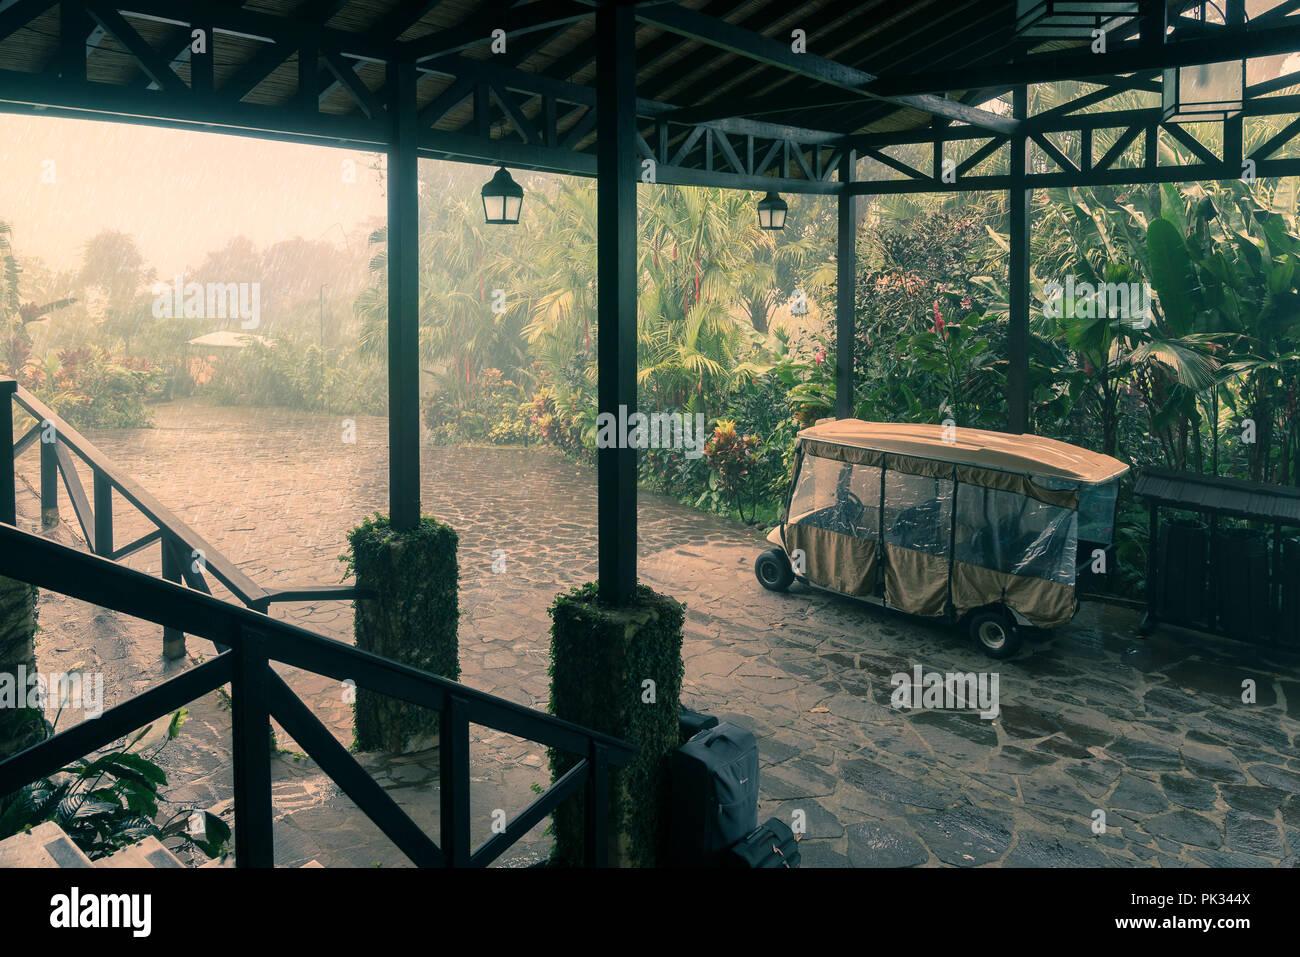 Lloviendo, Mirador El Silencio, San Carlos, Costa Rica Imagen De Stock